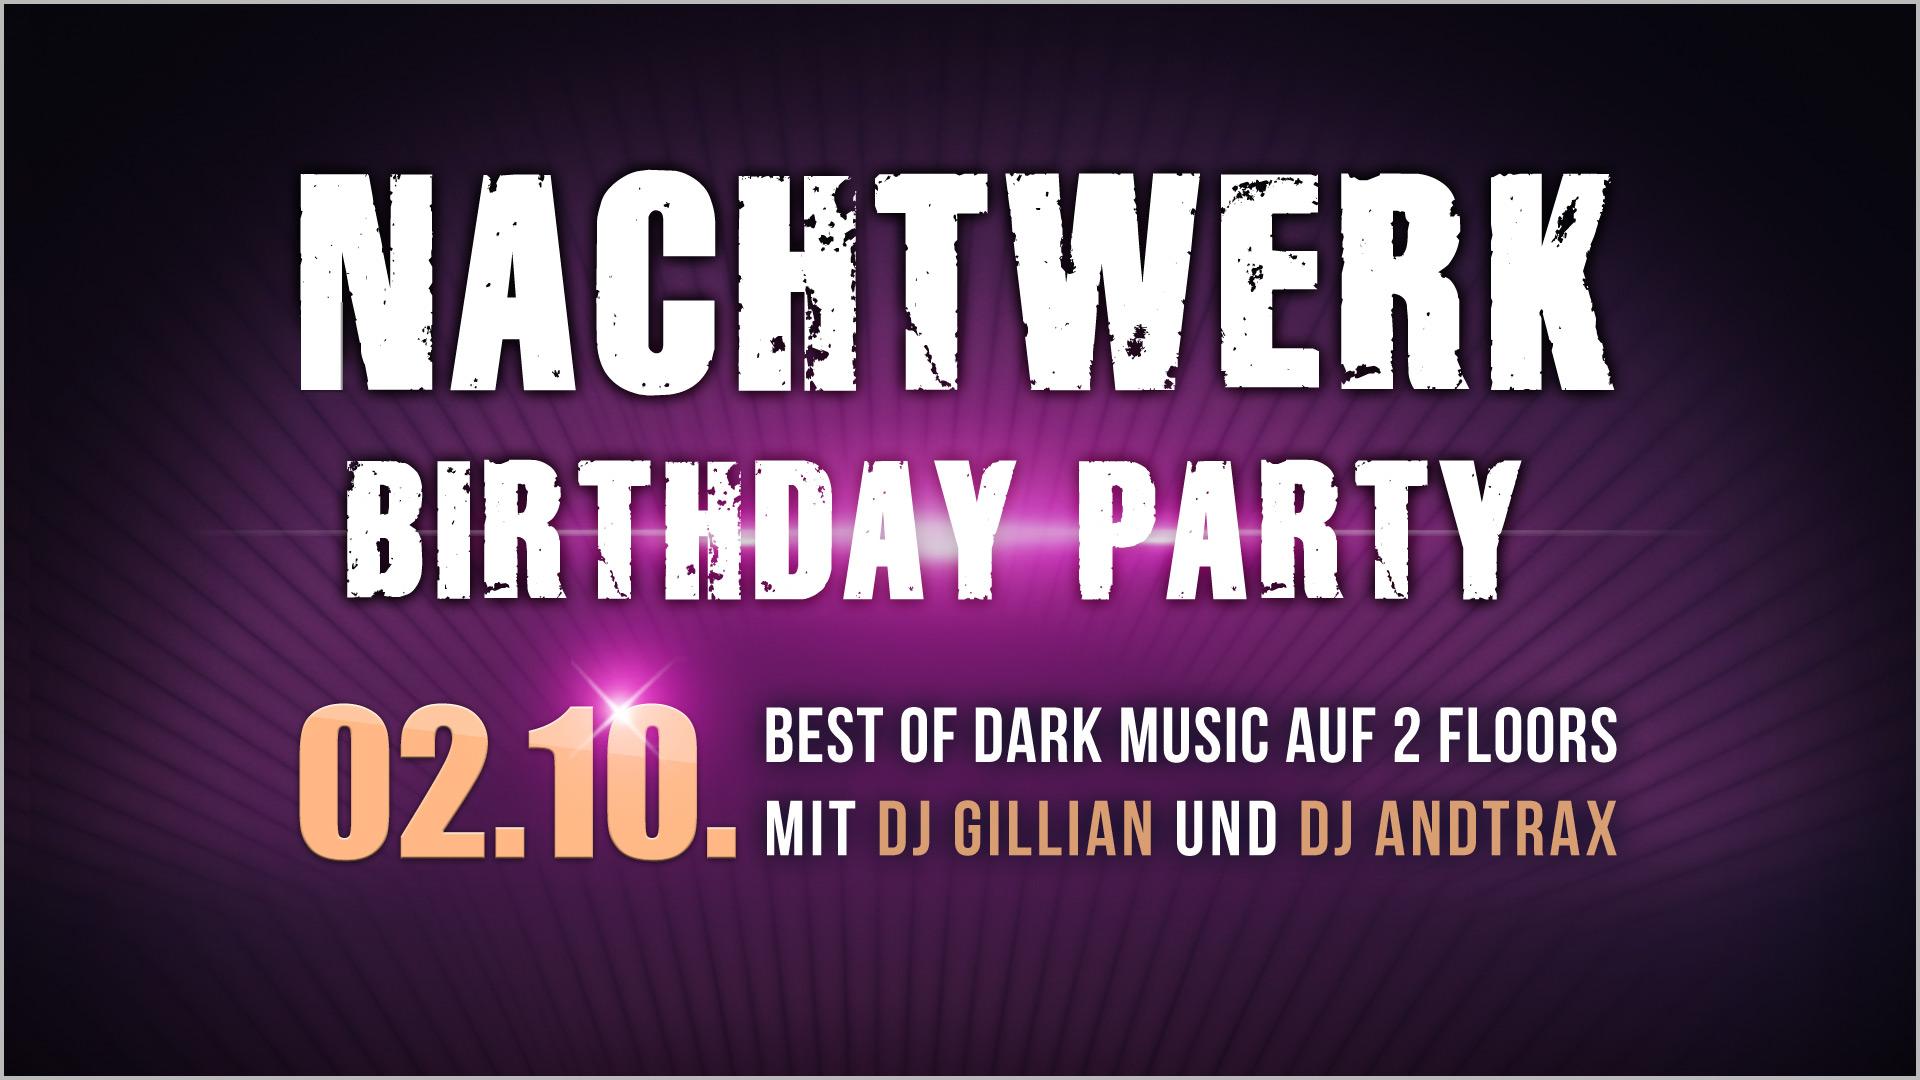 Nachtwerk Karlsruhe Geburtstagsparty » Best of Dark Music mit DJ Gillian und DJ AndTraX auf 2 Floors.